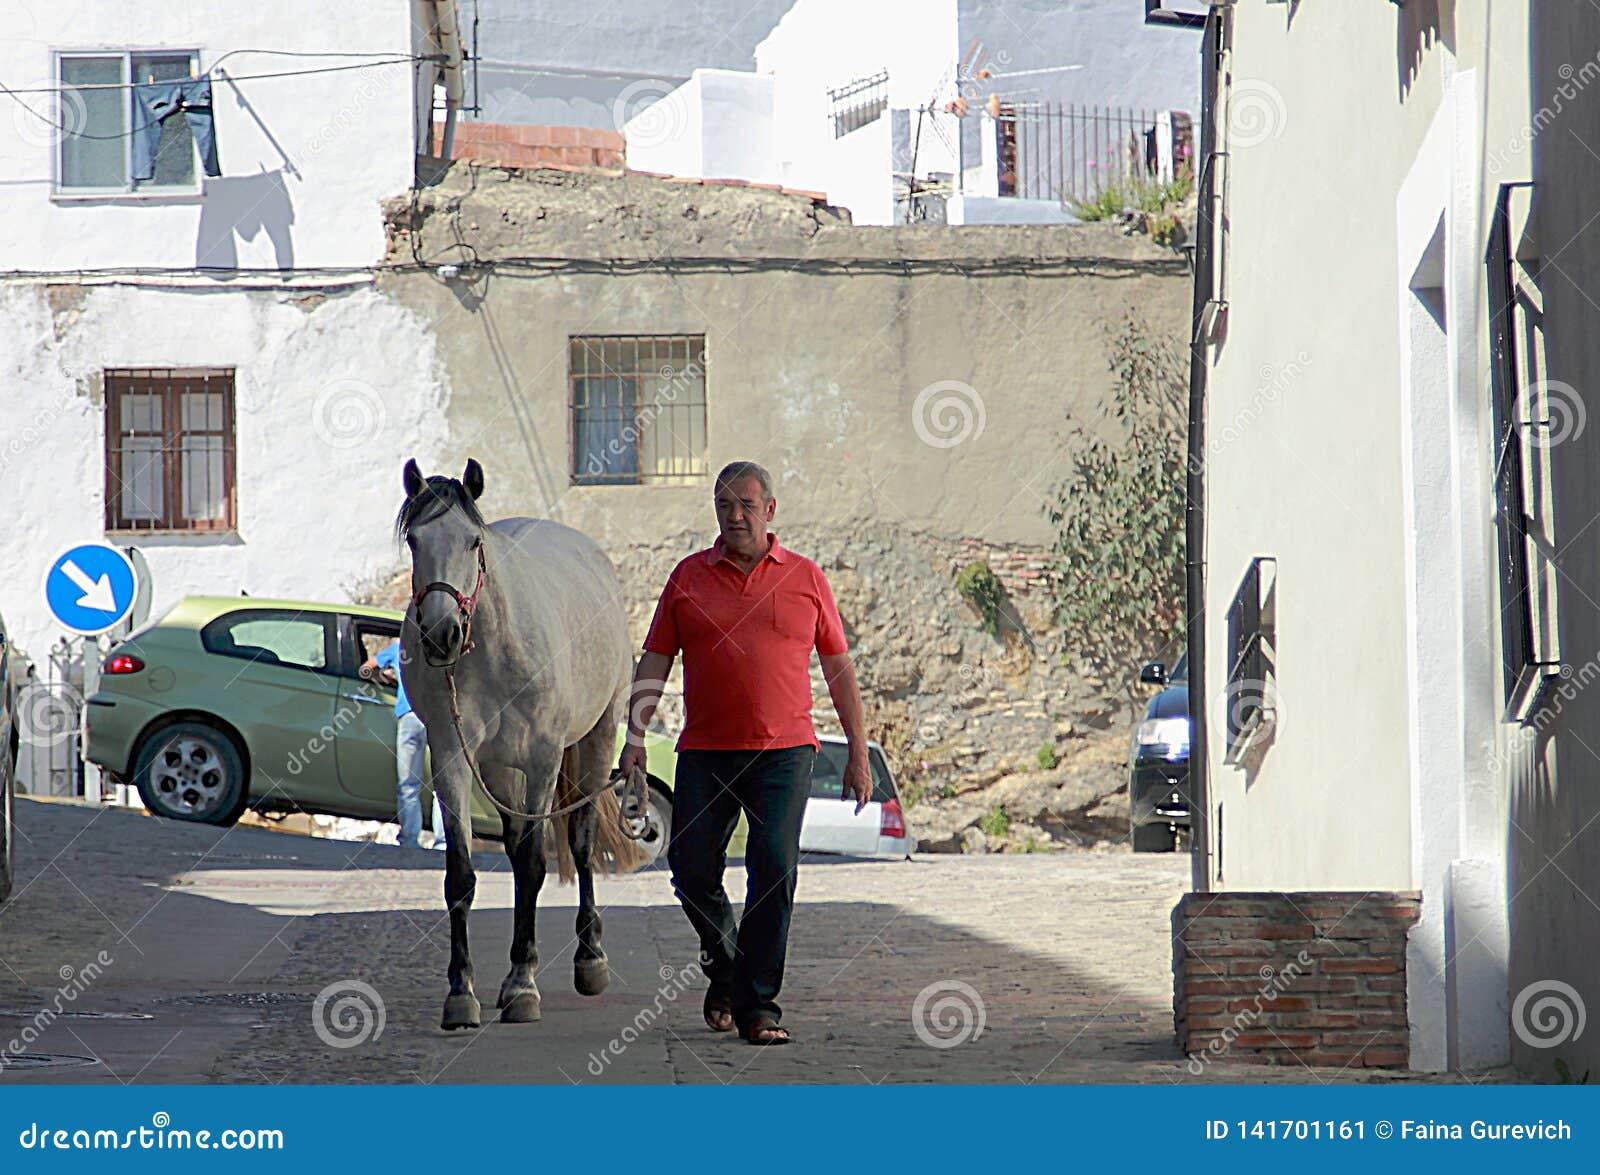 人和马在朗达街道上